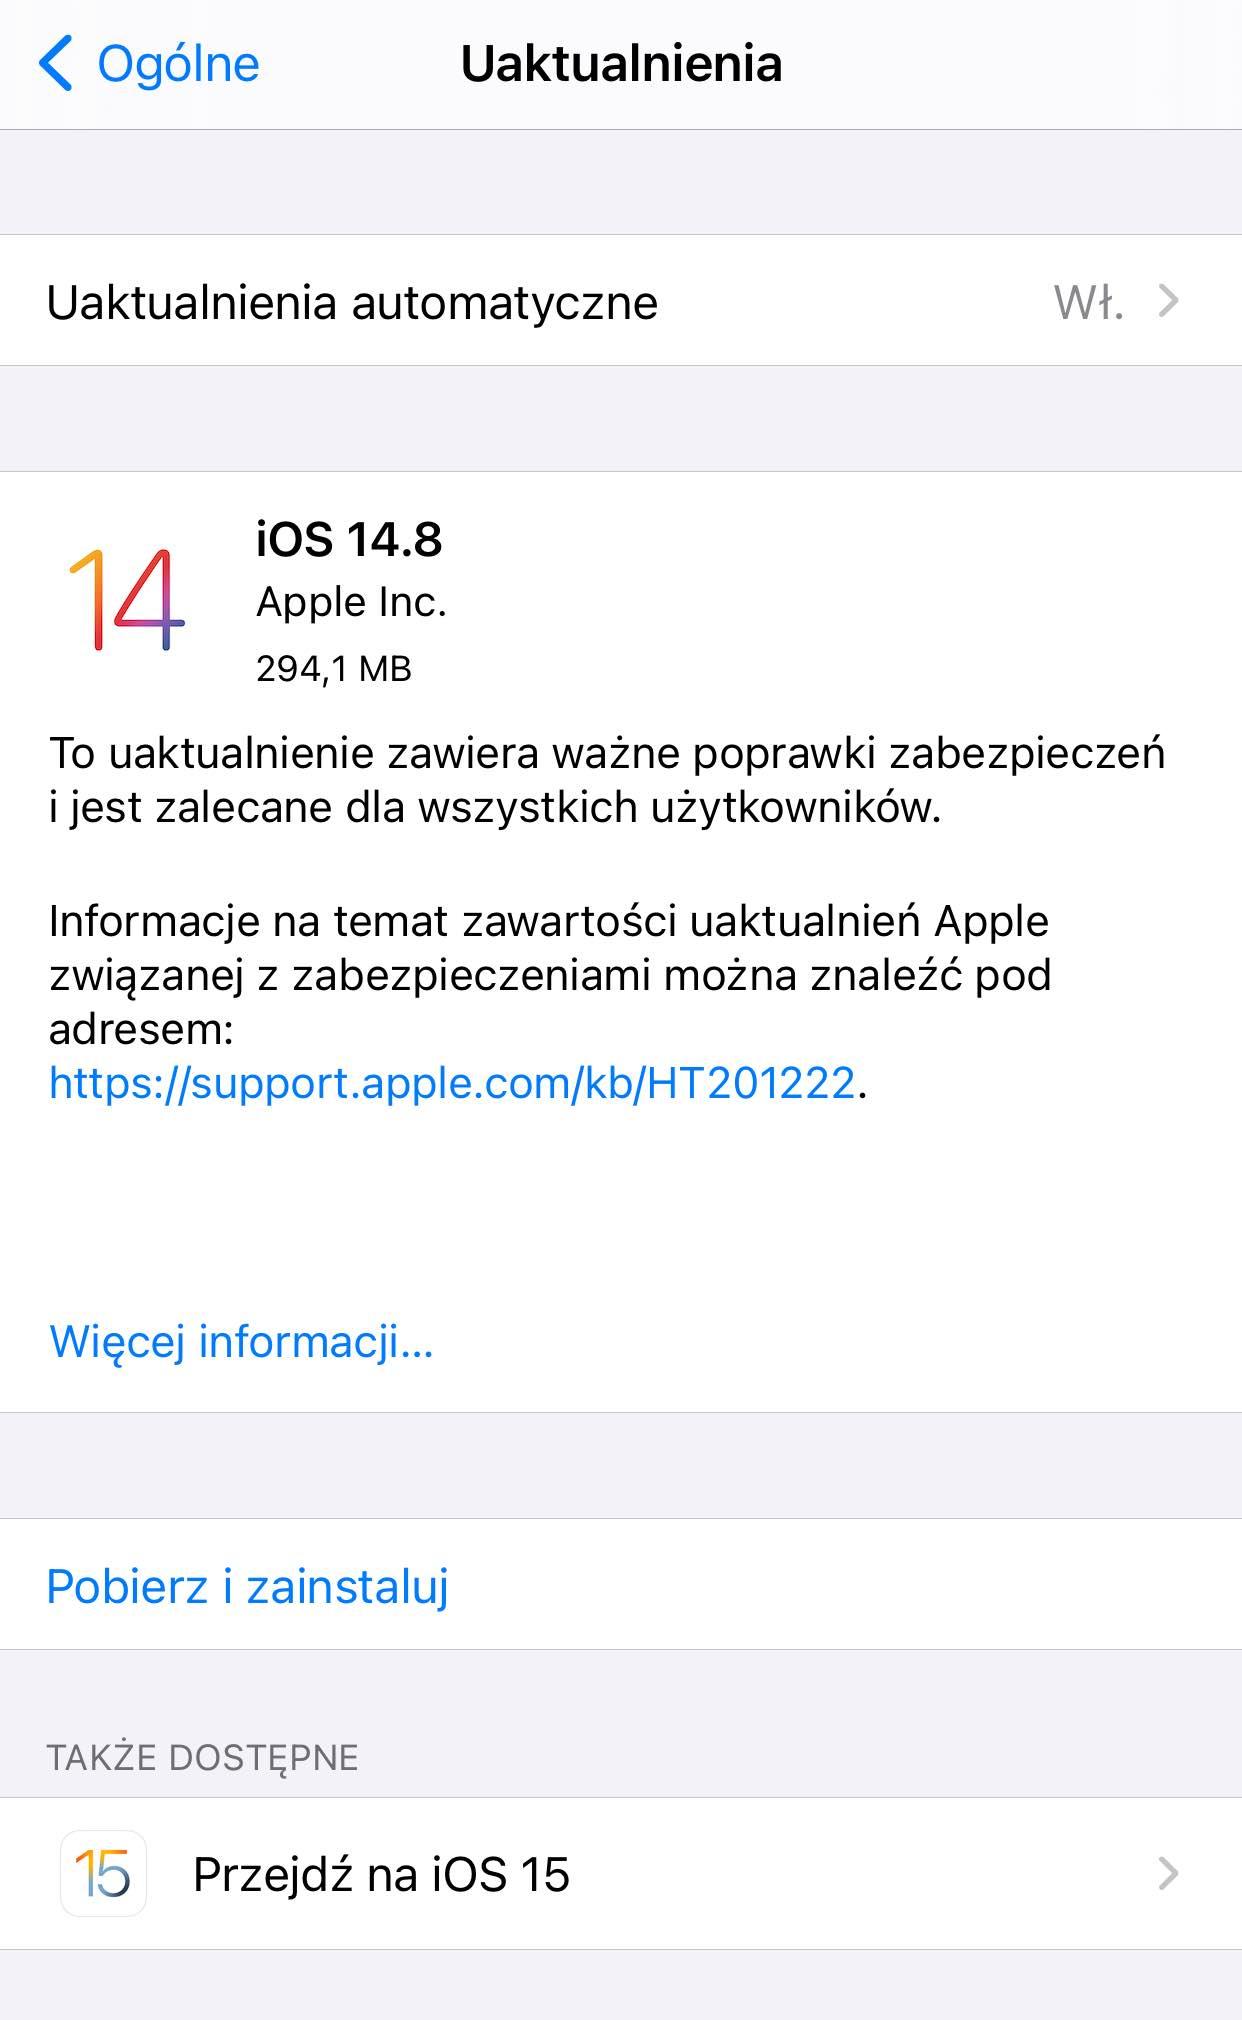 Apple zmienia system aktualizacji. Możesz zostać na iOS 14 tak długo, jak chcesz! ciekawostki iOS 15, iOS 14, Aktualizacja  7 września na WWDC 2021 Apple pokazało nam swoje nowe systemy operacyjne – iOS 15, iPadOS 15 i powiedziało coś niezwykłego – coś, co zmienia tradycyjną koncepcję aktualizacji urządzeń firmy. iOS148 ios15